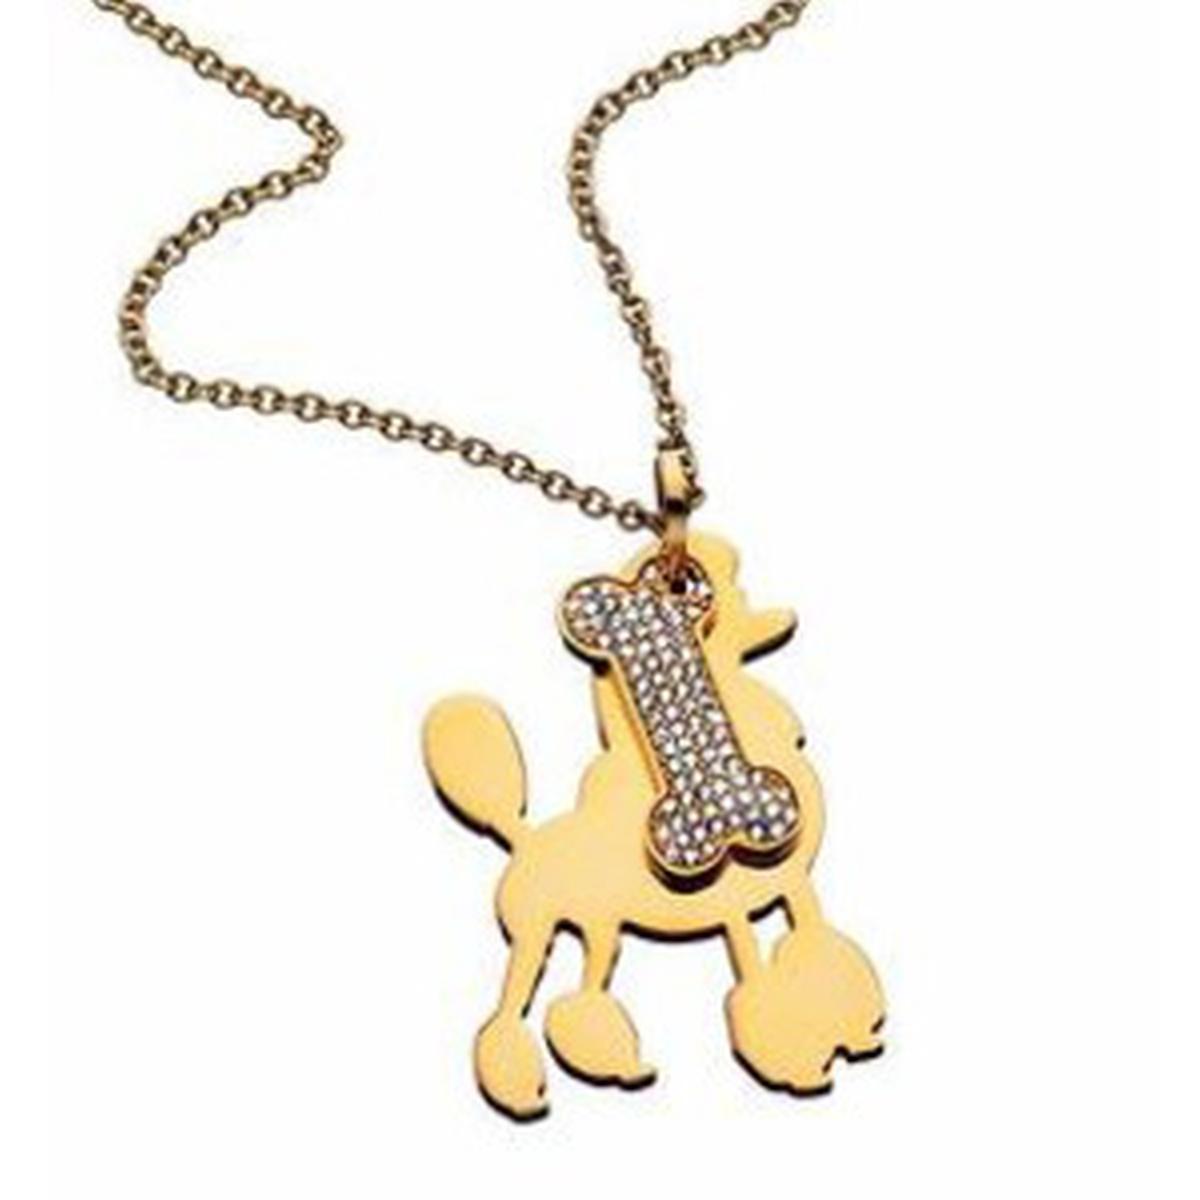 Collier Moschino My Little Puppy Os Swarovski